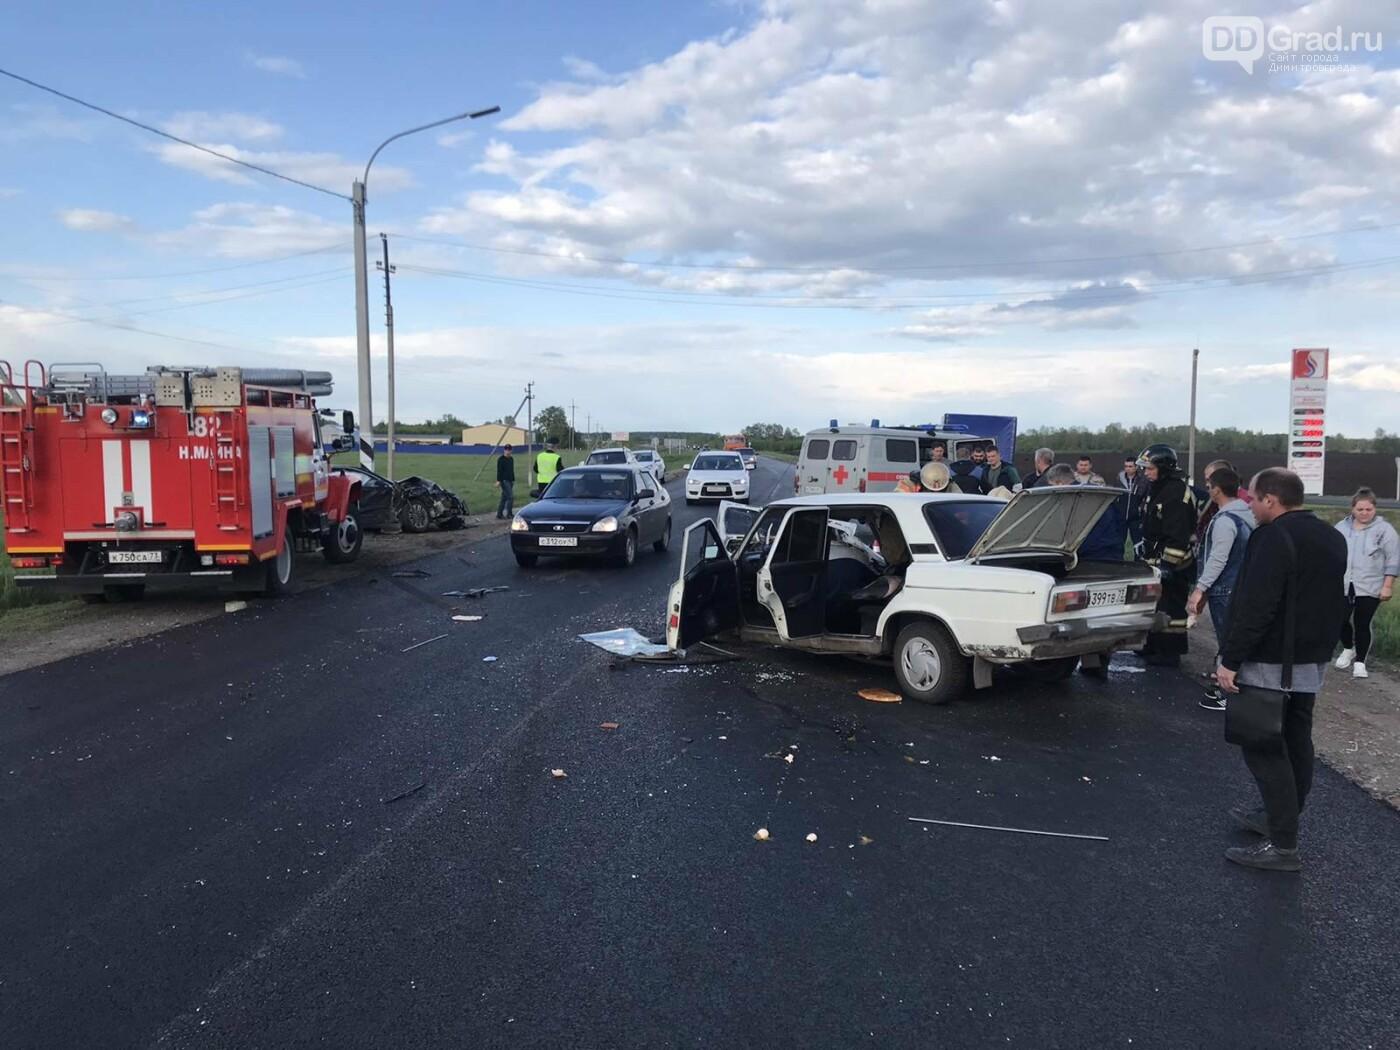 За выходные в Мелекесском районе случилось три ДТП, фото-3, ПЧ-3